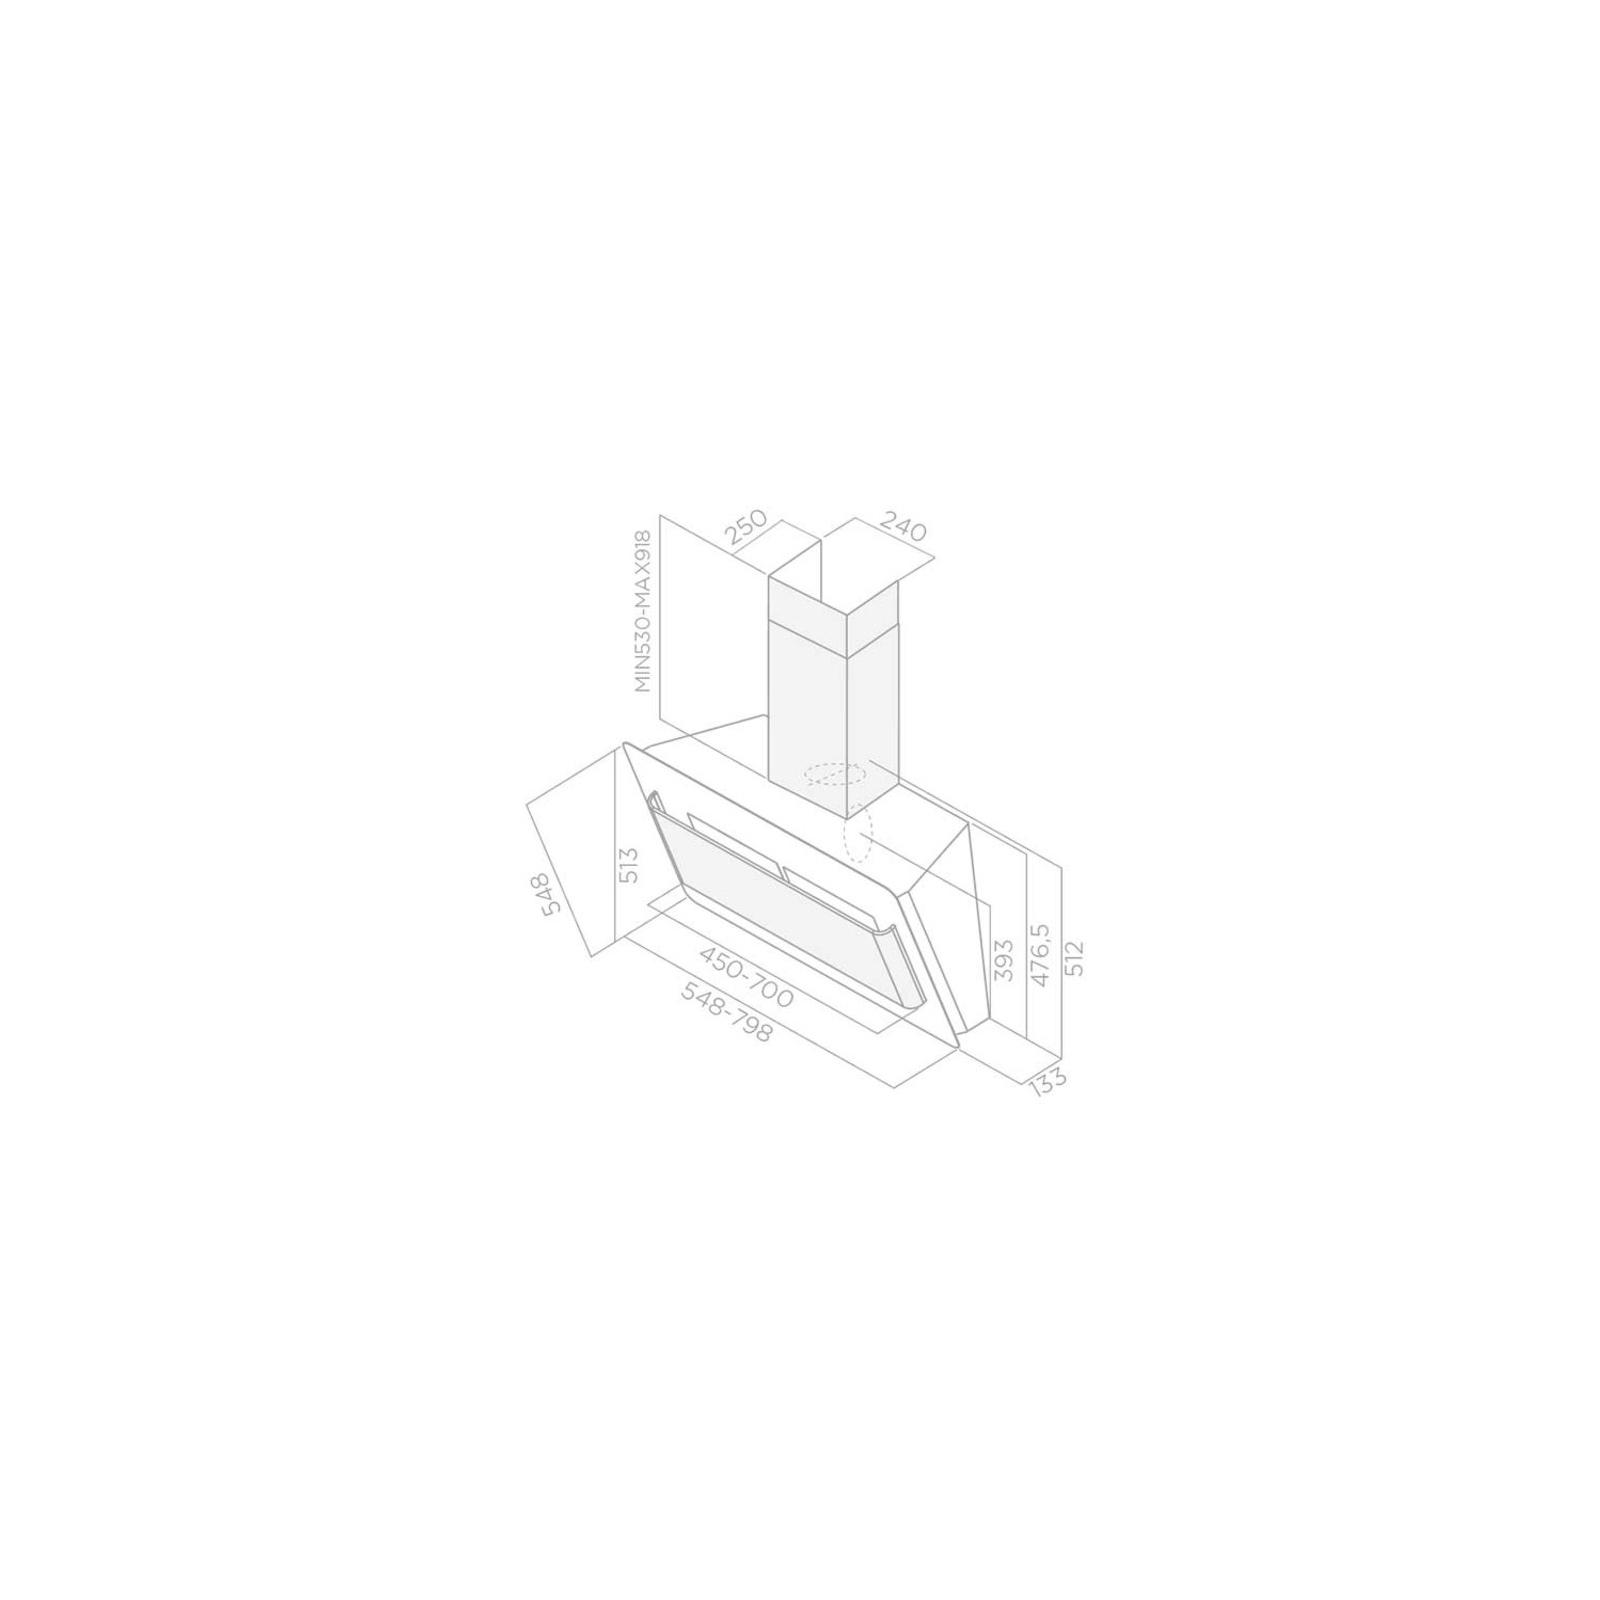 Вытяжка кухонная Elica BELT LUX WH/A/55 изображение 2